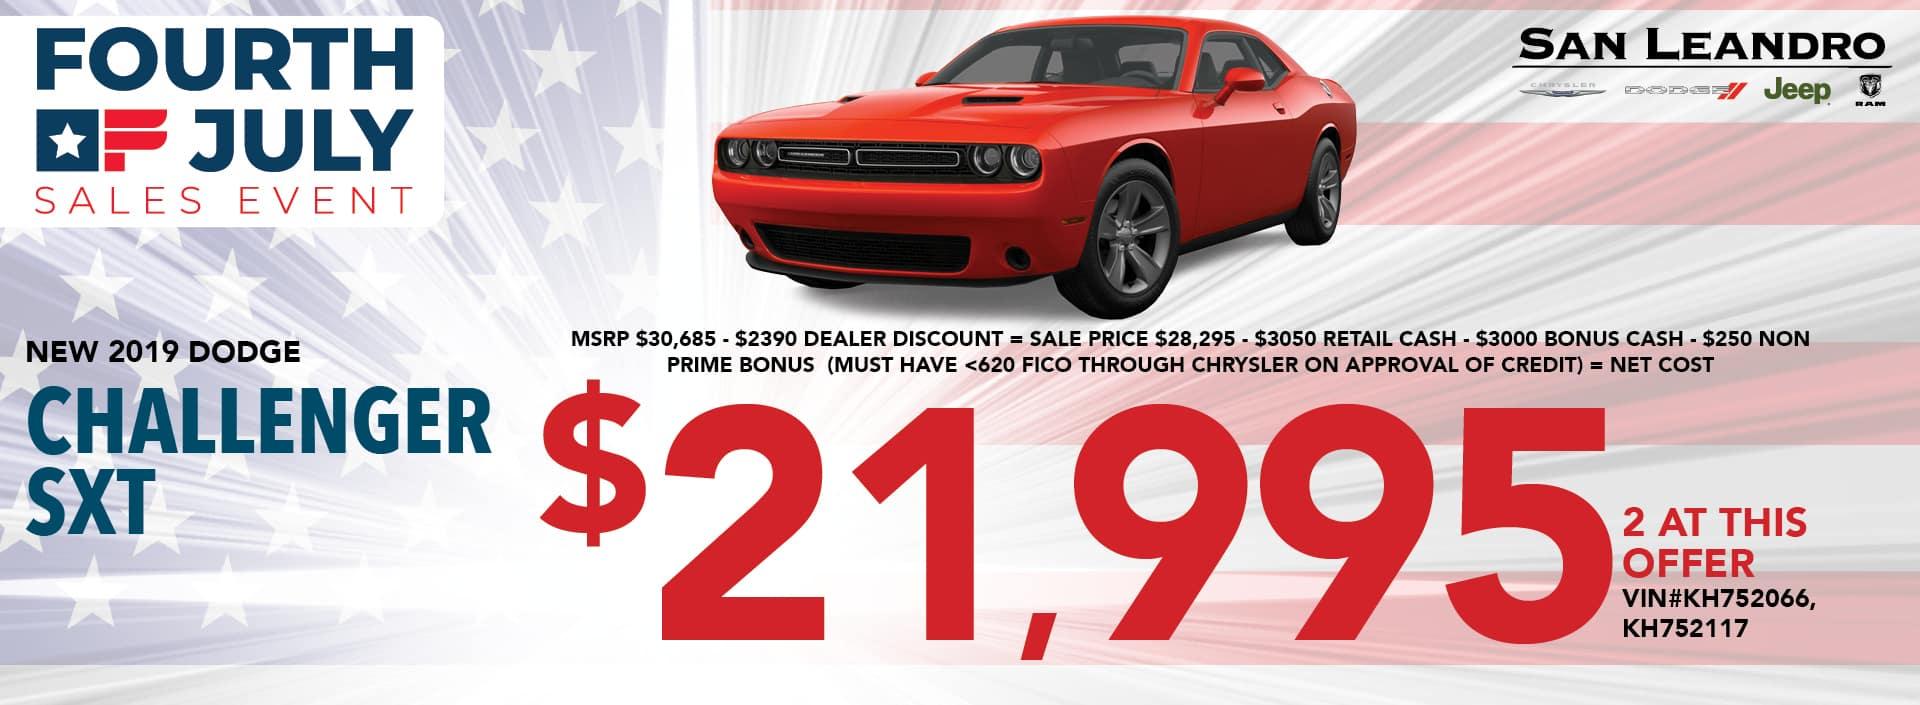 2019 Challenger SXT $21,995